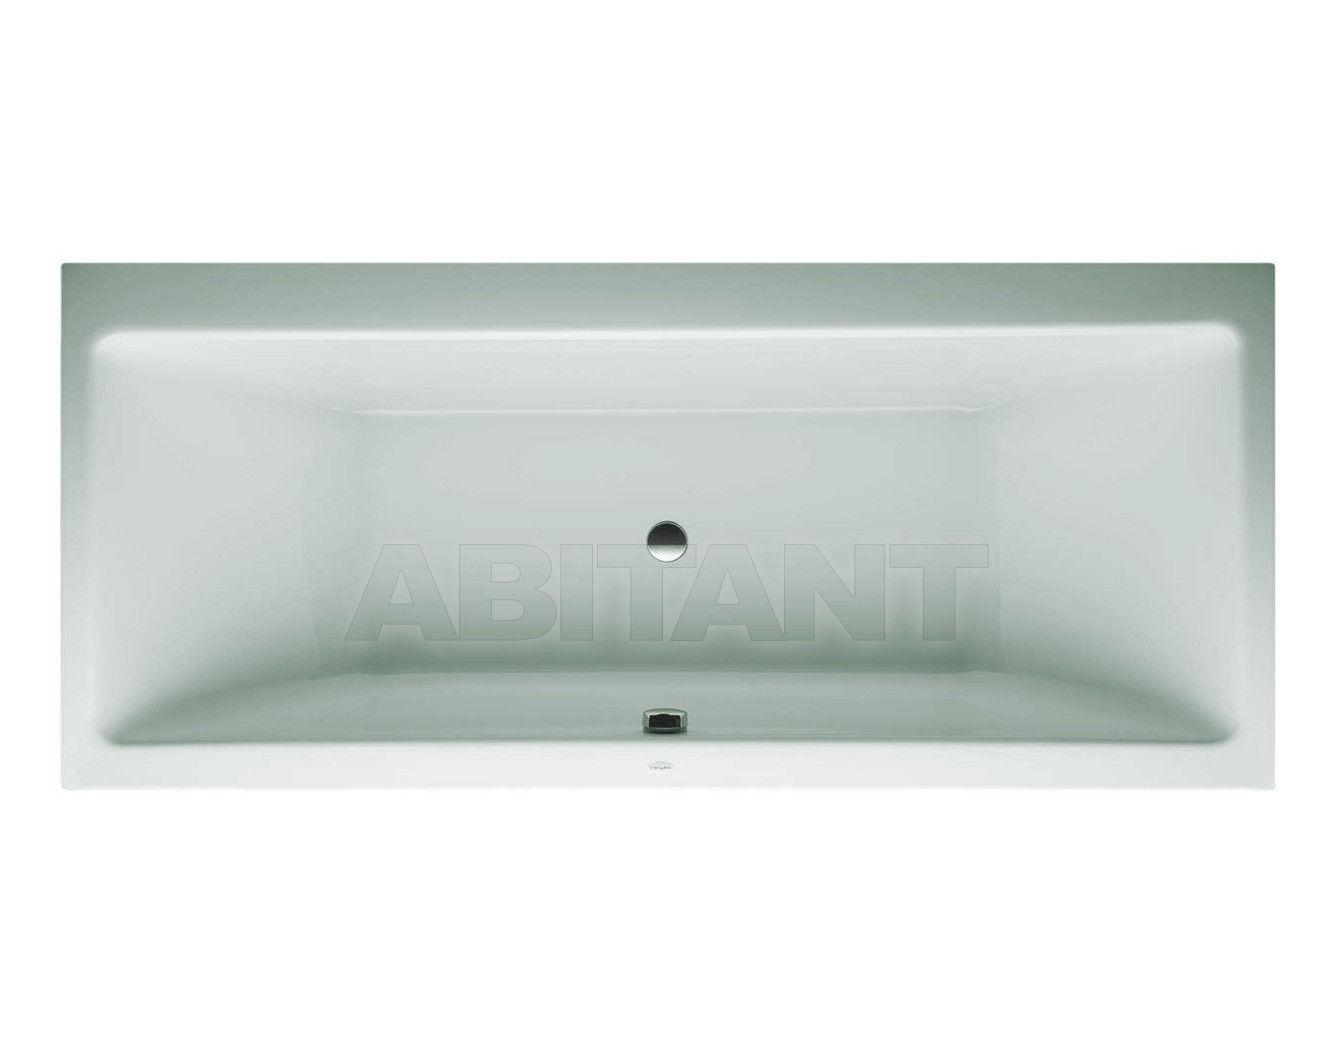 Купить Ванна Pro Laufen Laufen Pro 2.3295.1.000.000.1